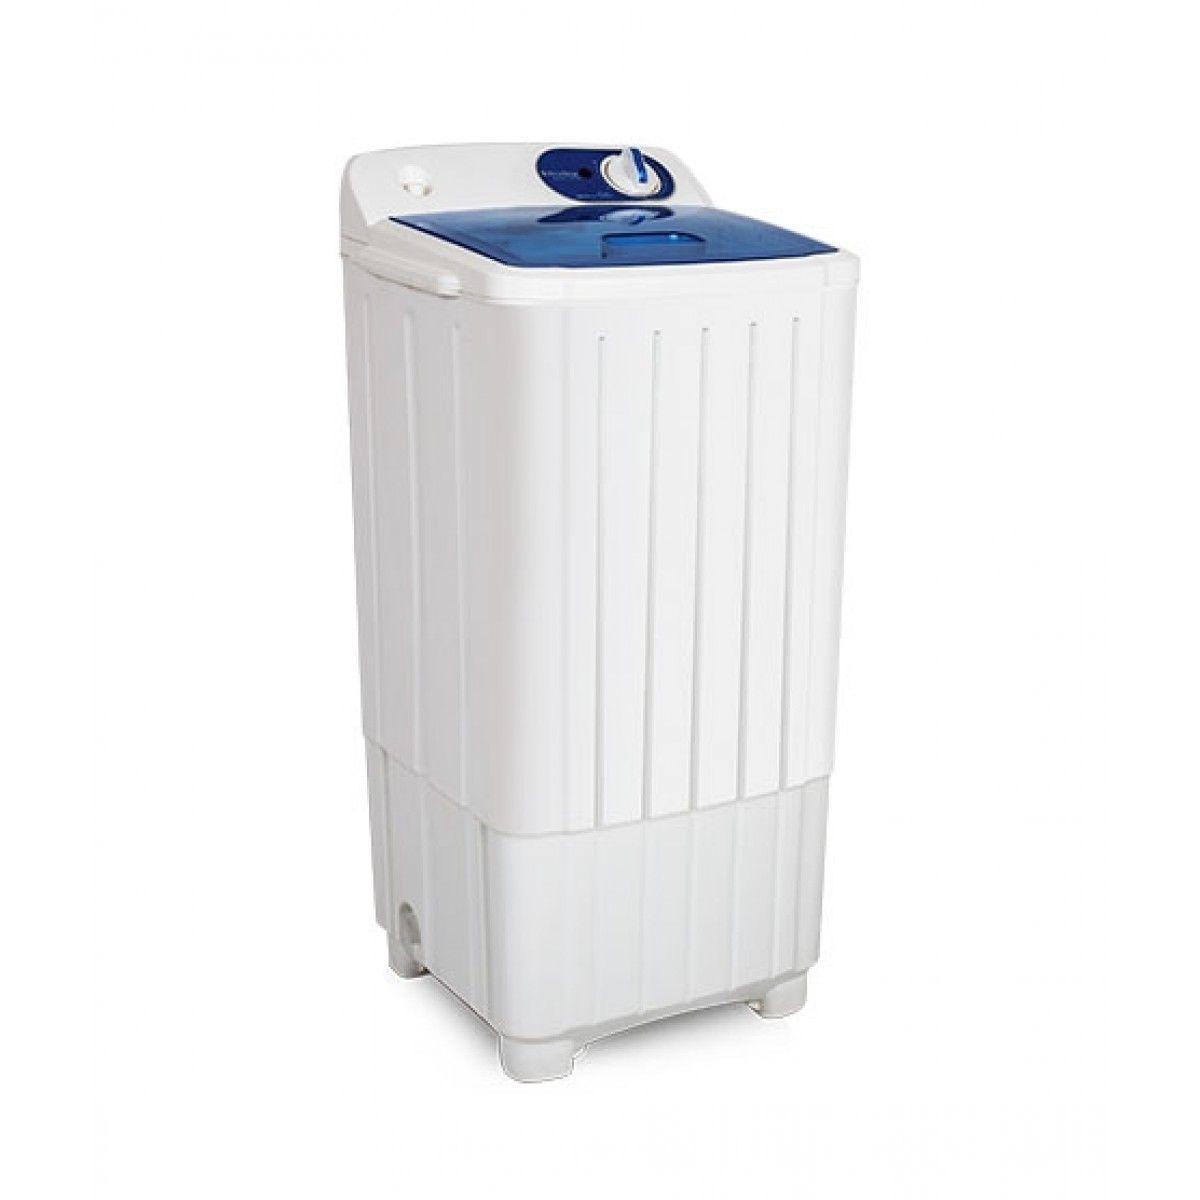 EcoStar SD-09-300W 9KG Spin Dryer Washing Machine